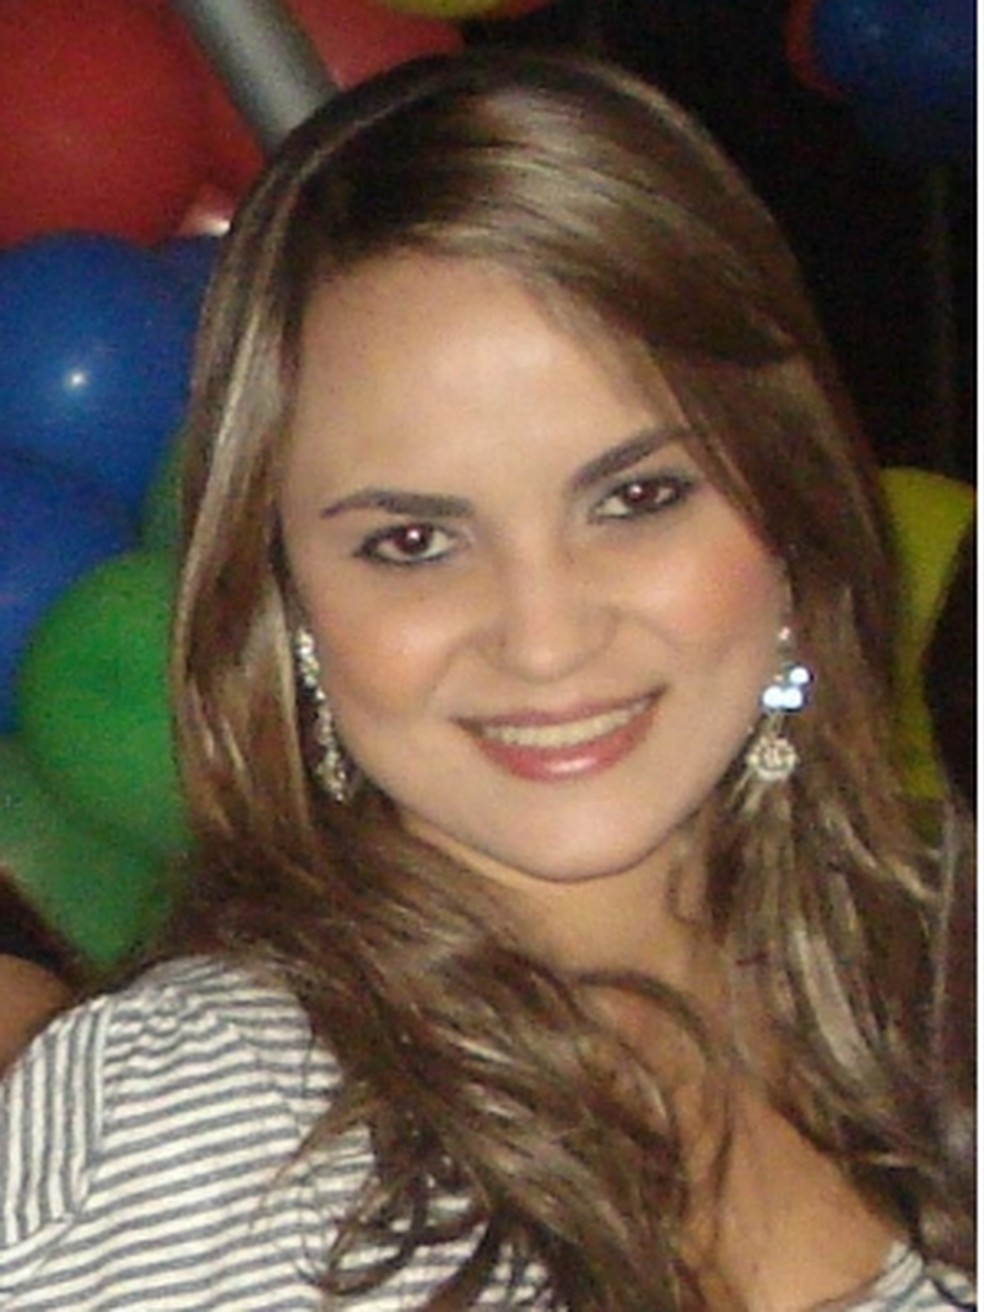 Ciclista foi morta com um tiro na cabeça, em Goiás (Foto: Reprodução/Facebook)